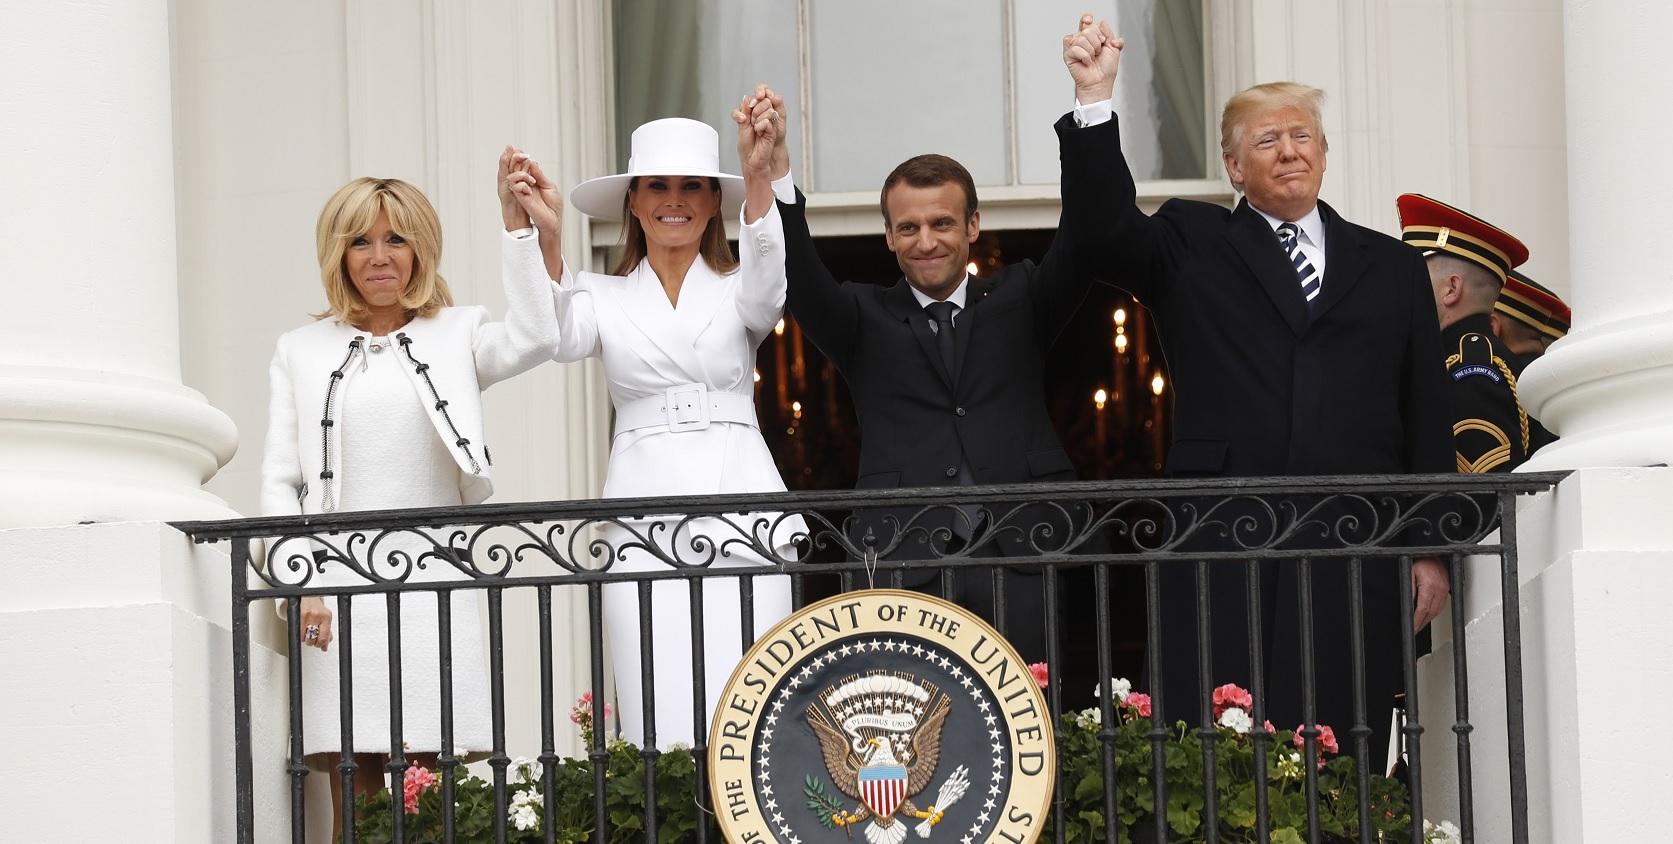 Raúl Sohr comentó sobre el encuentro de Trump-Macron en EE. UU